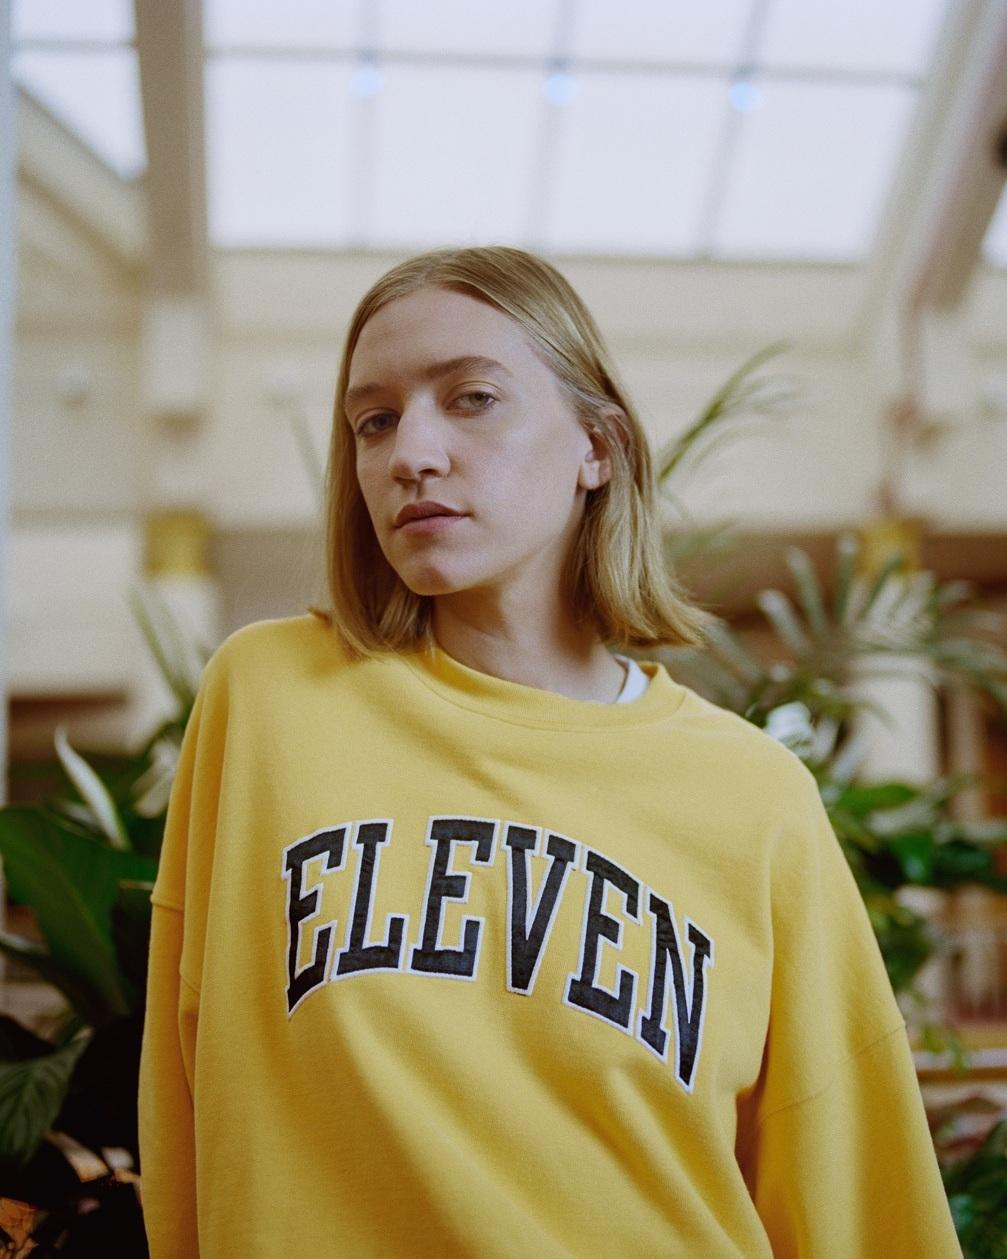 Unisex Stranger Things 'Eleven' Jumper - £55